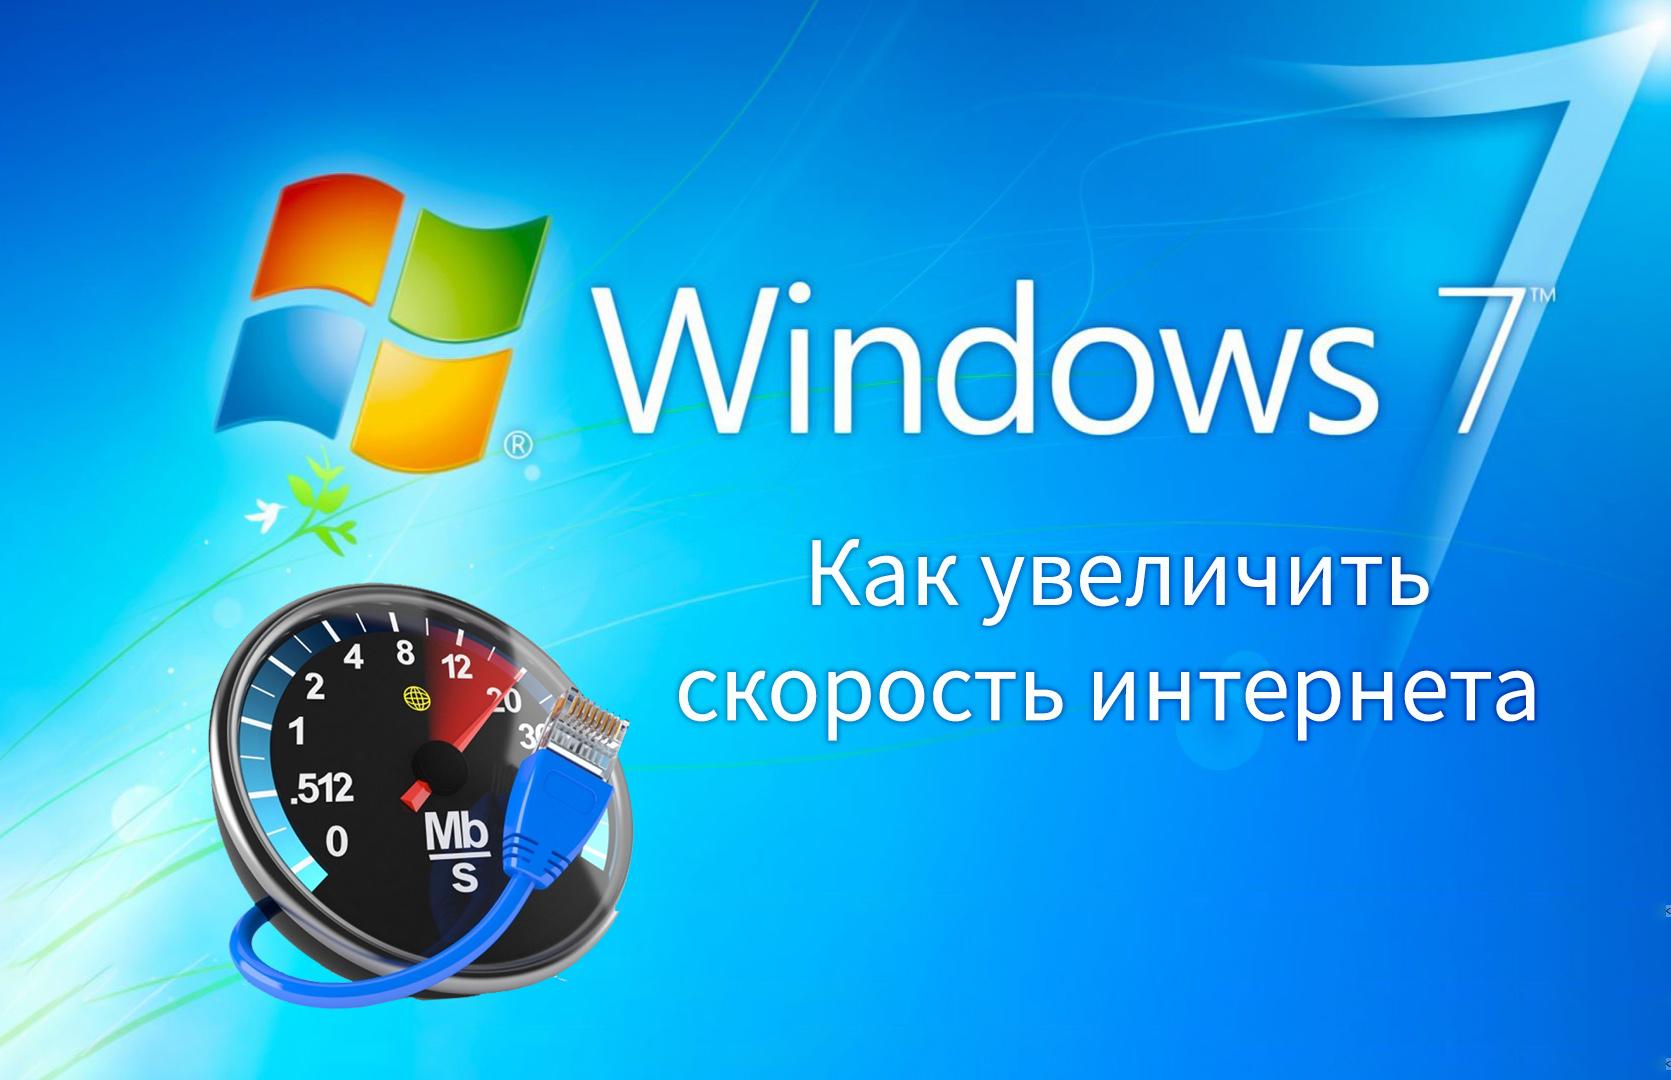 Как увеличить скорость интернета на Windows 7